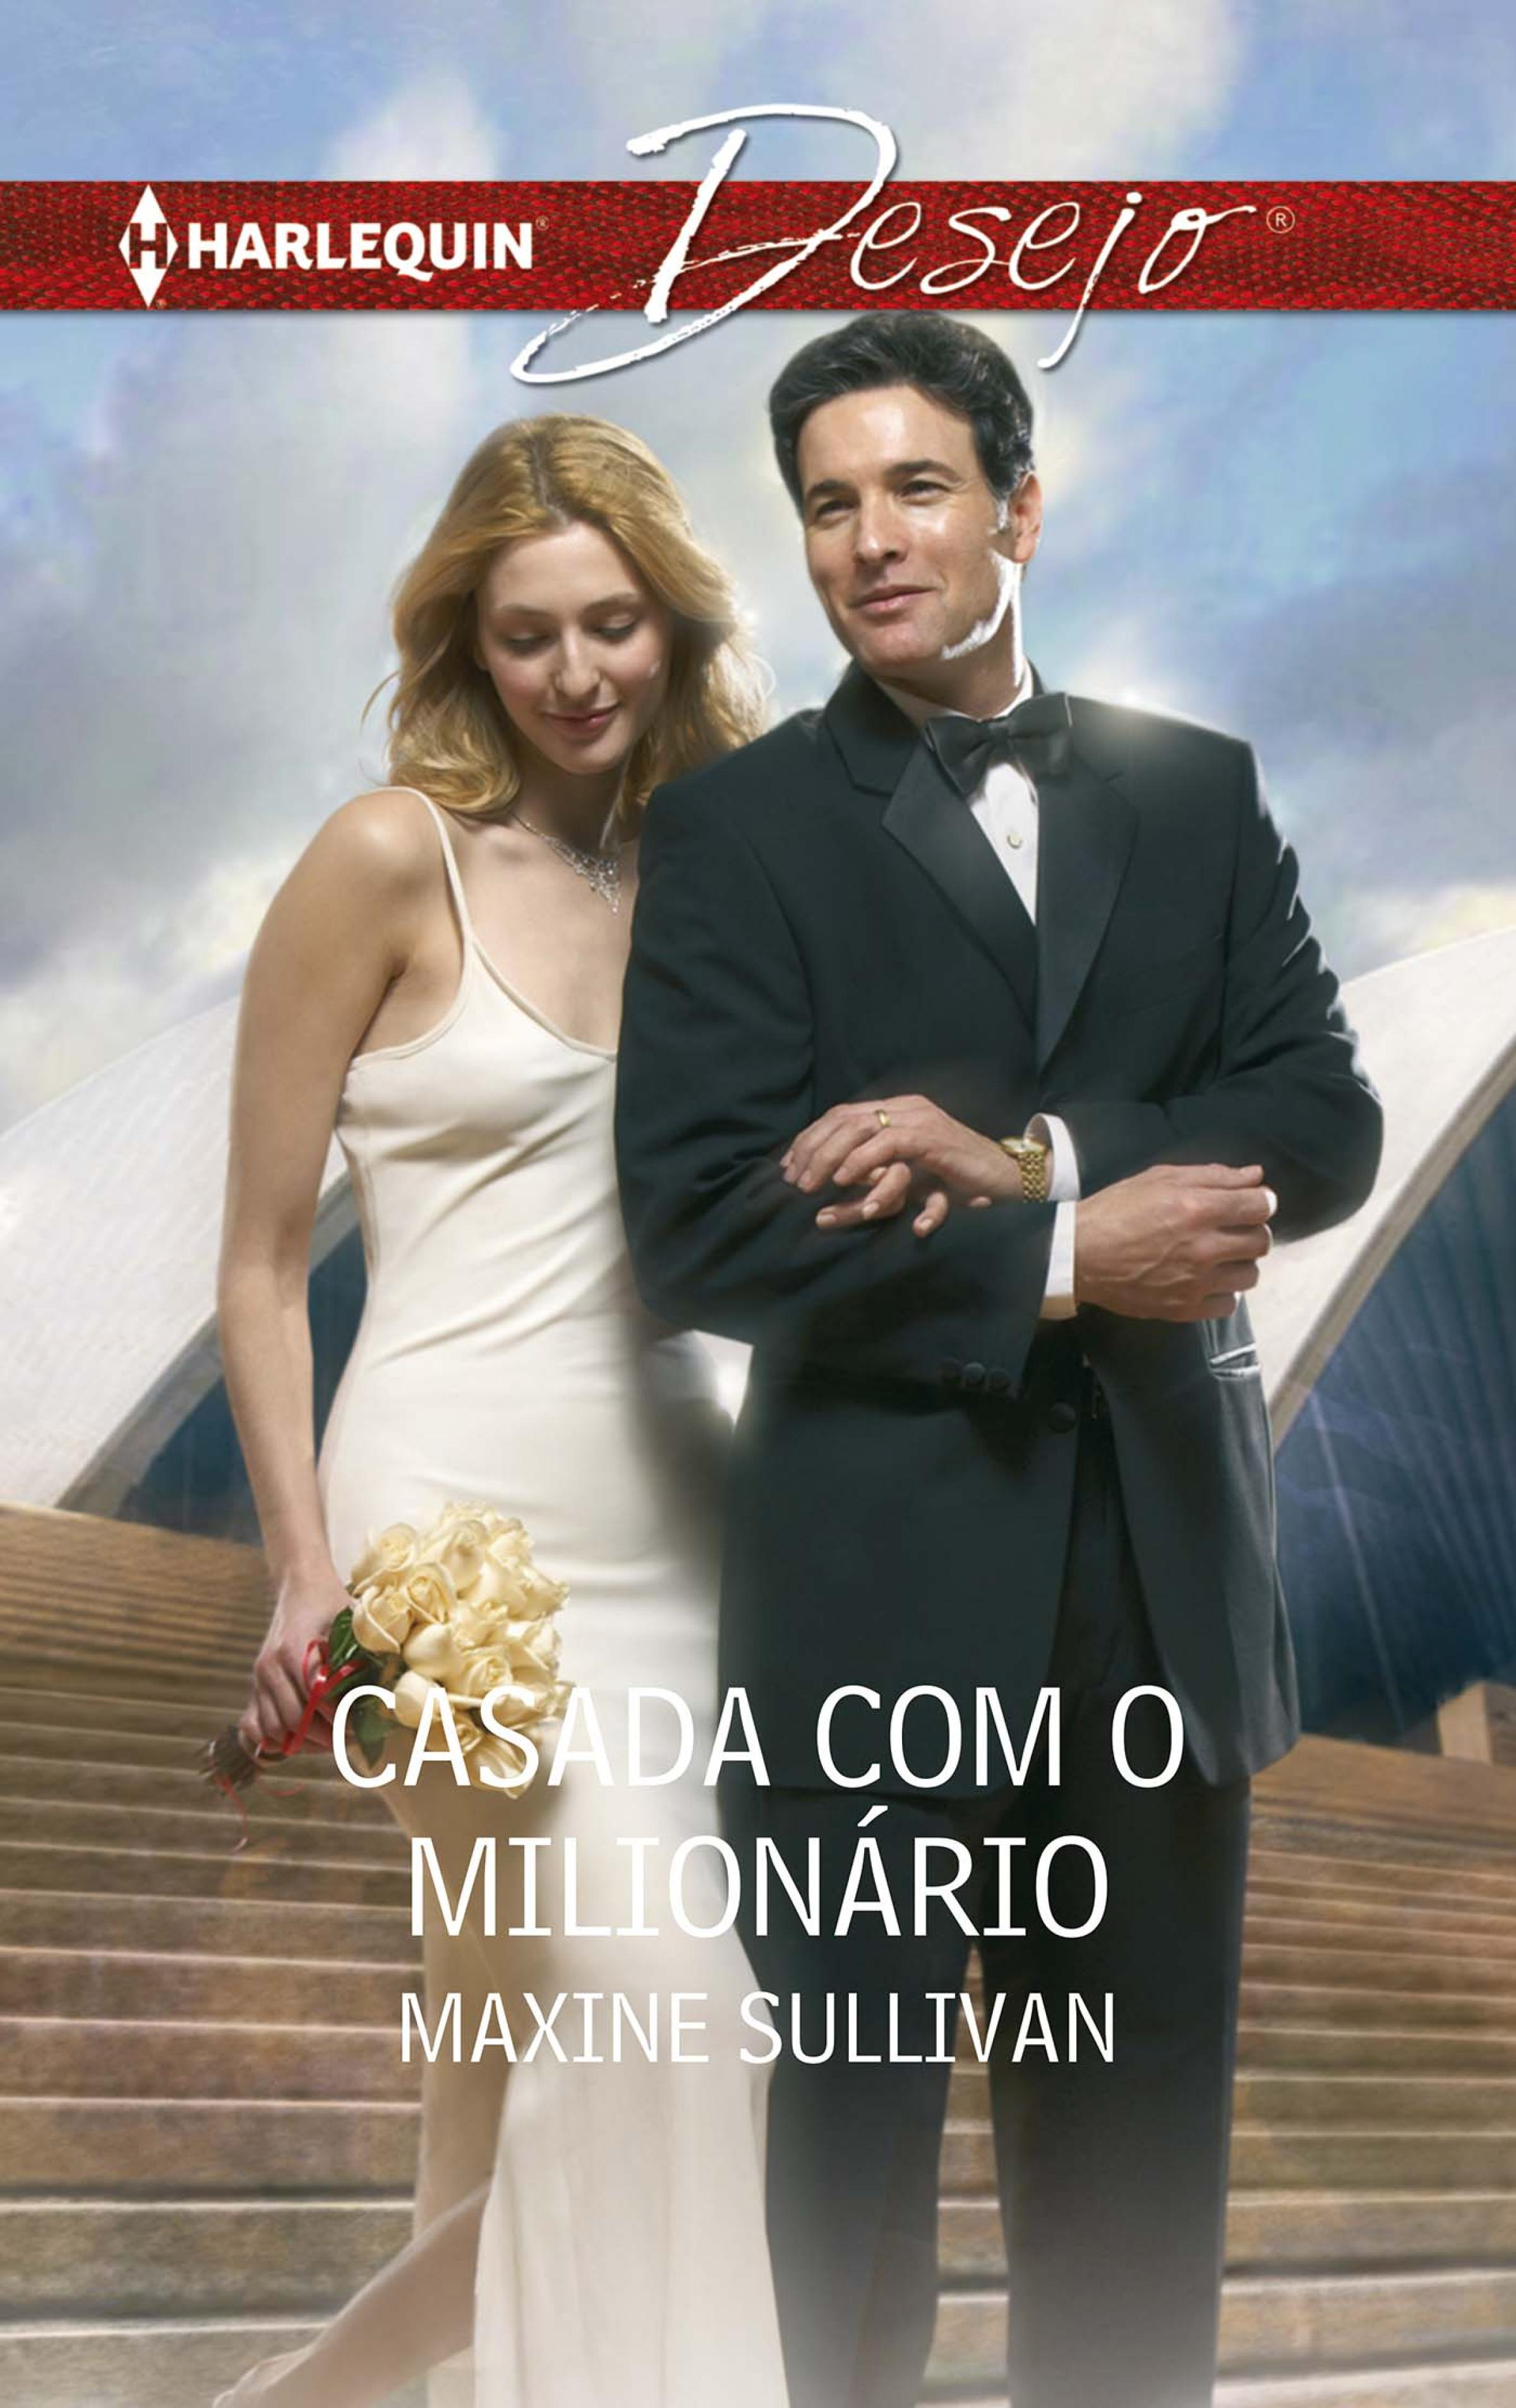 Maxine Sullivan Casada com o milionário casada maxiwell 3